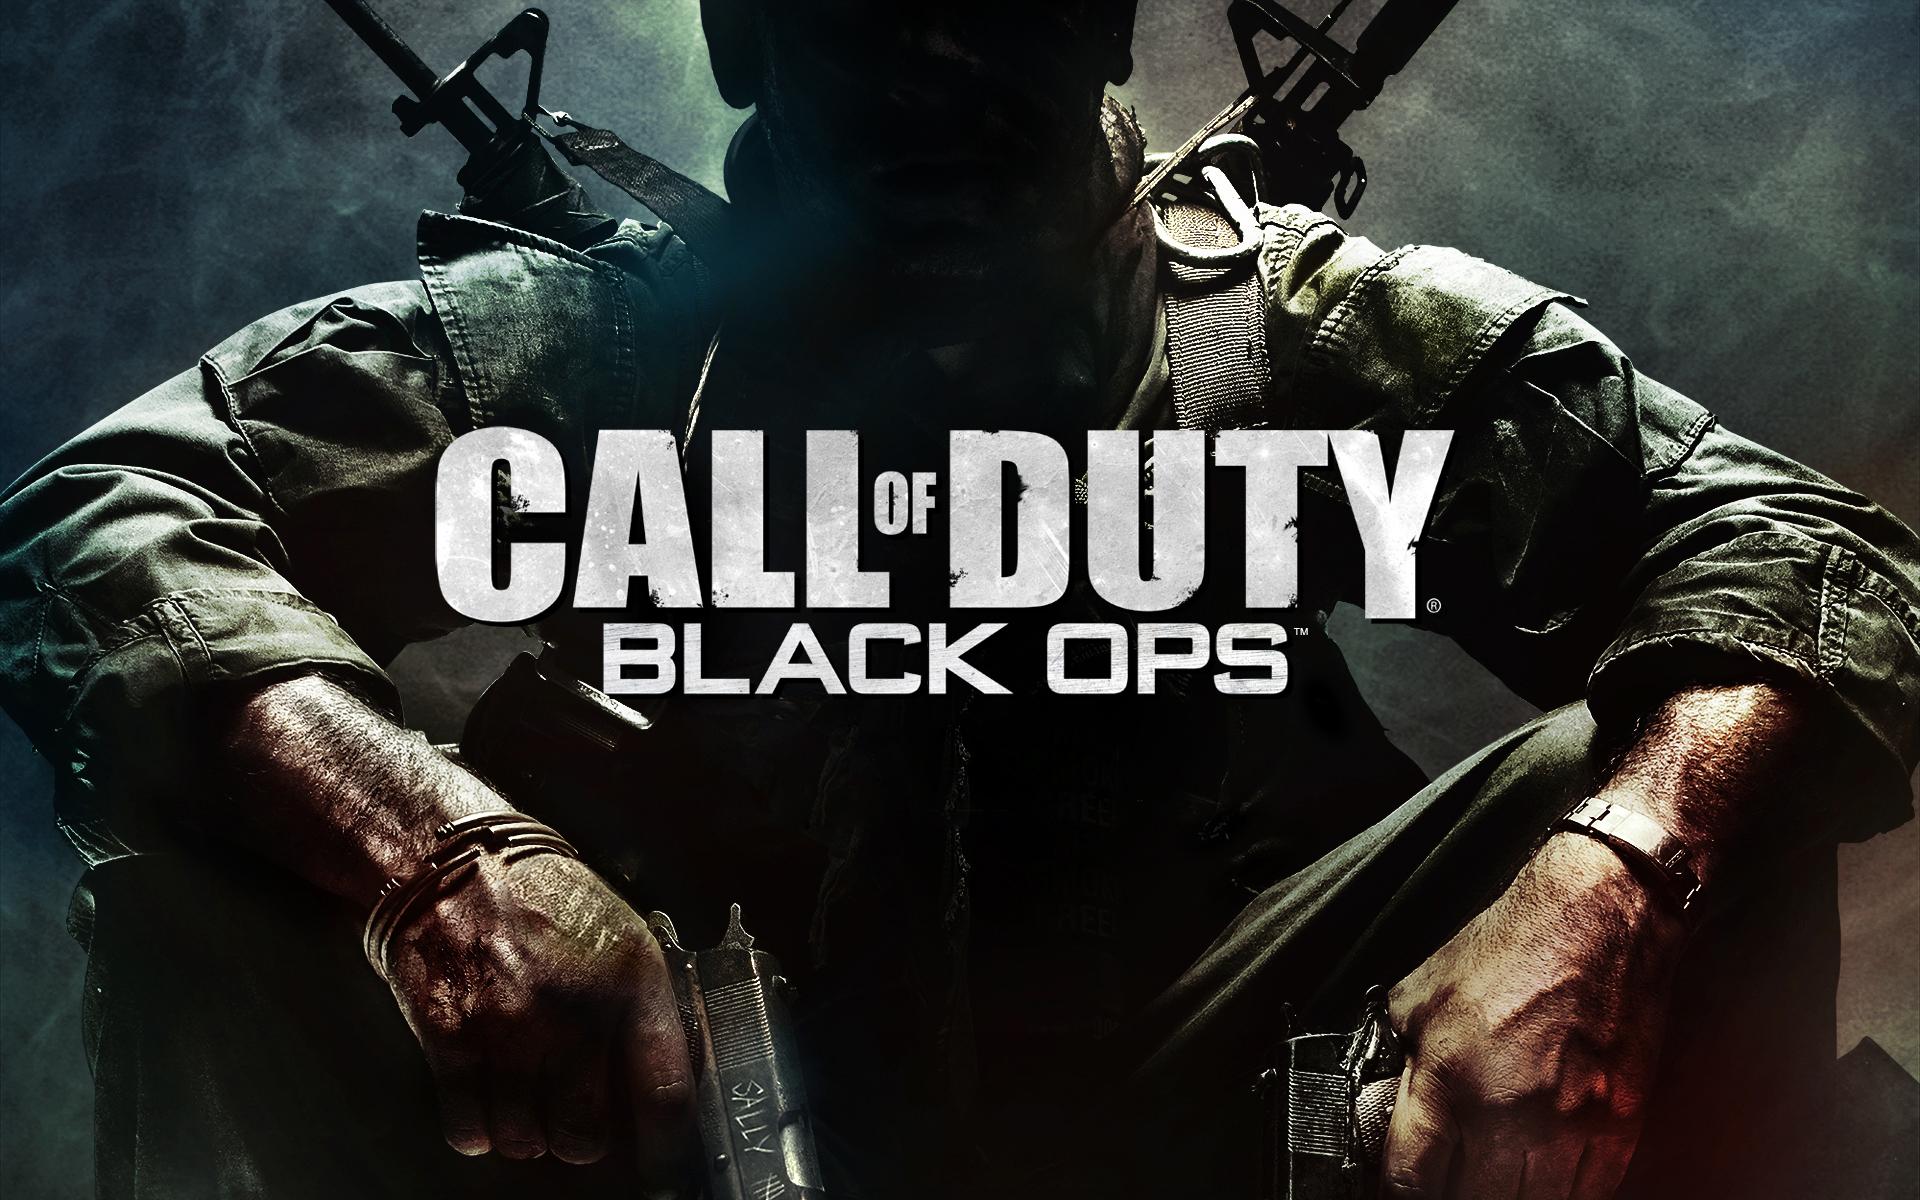 Call of Duty Black Ops est officiellement rétrocompatible